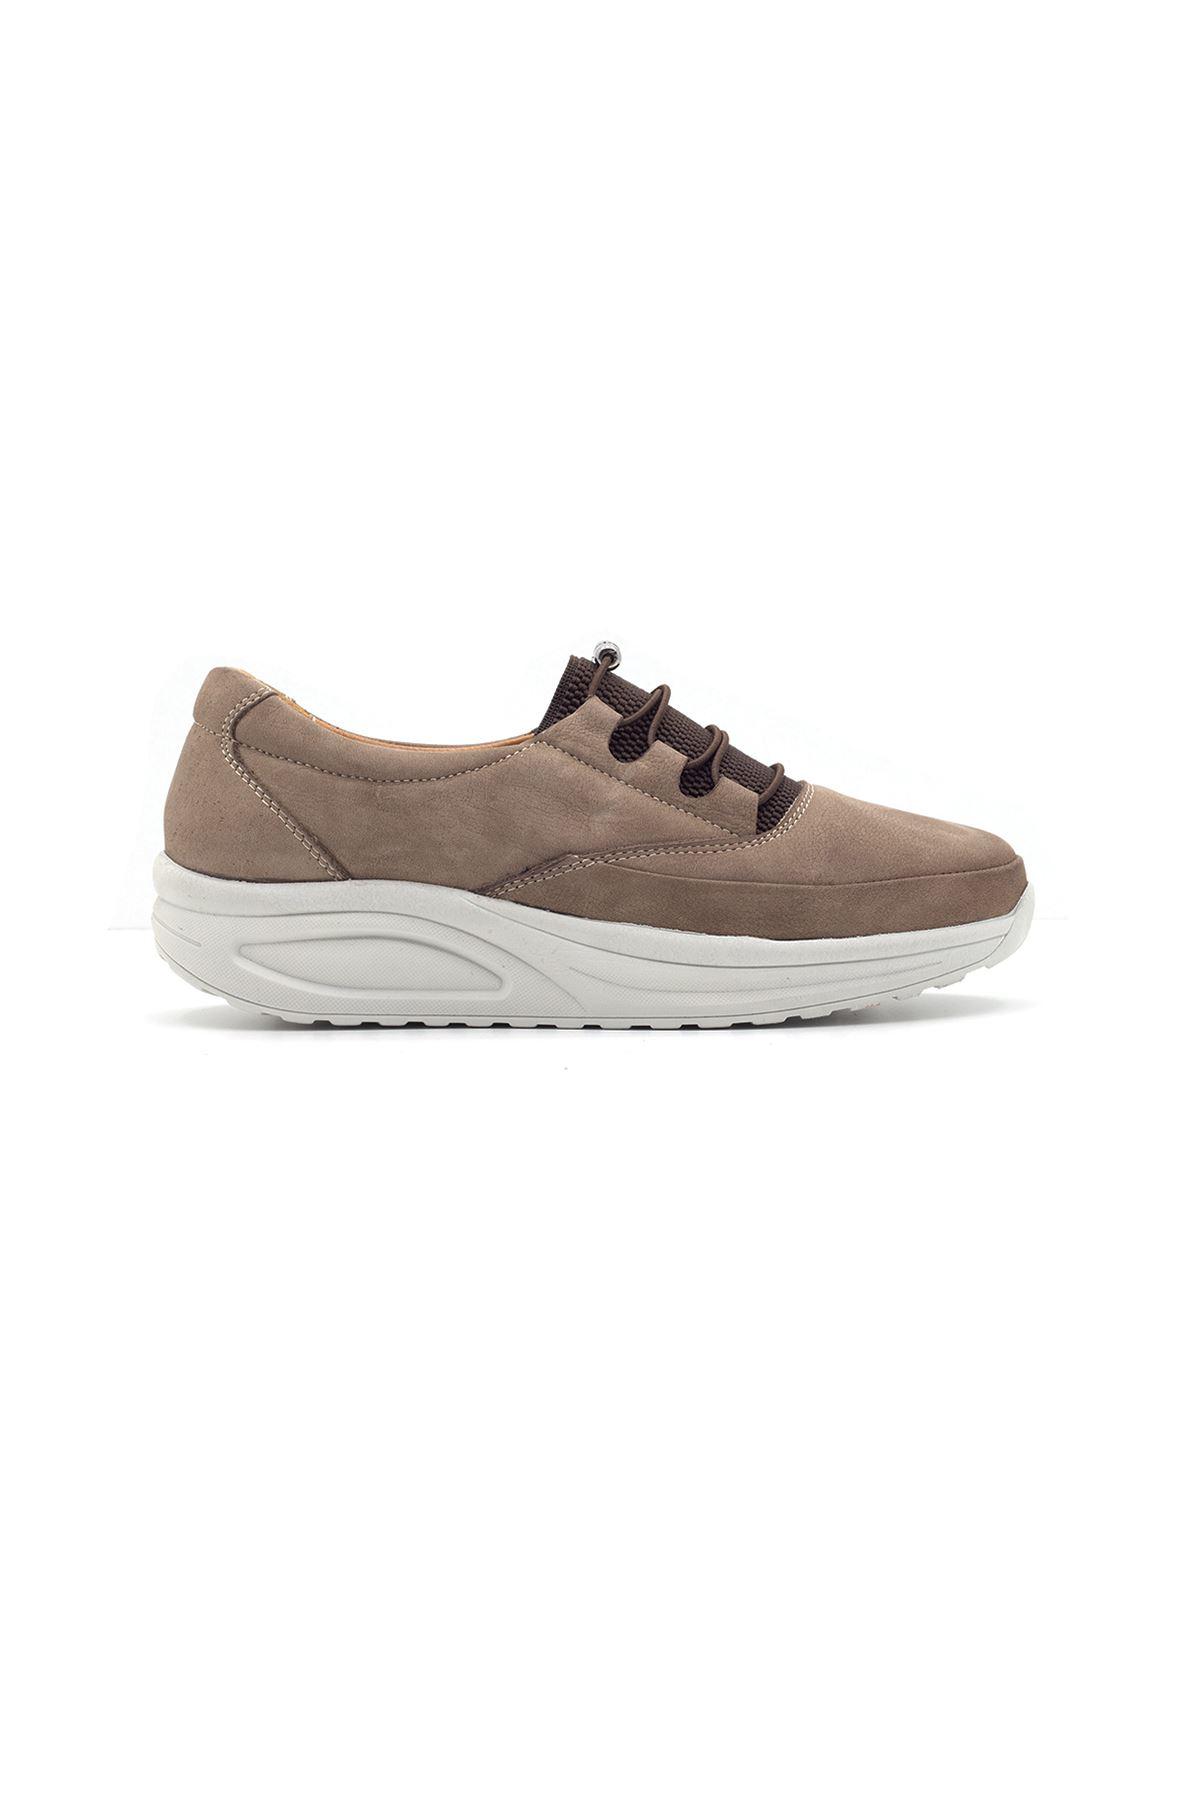 855 Nubuk Kum Kadın Yürüyüş Ayakkabısı